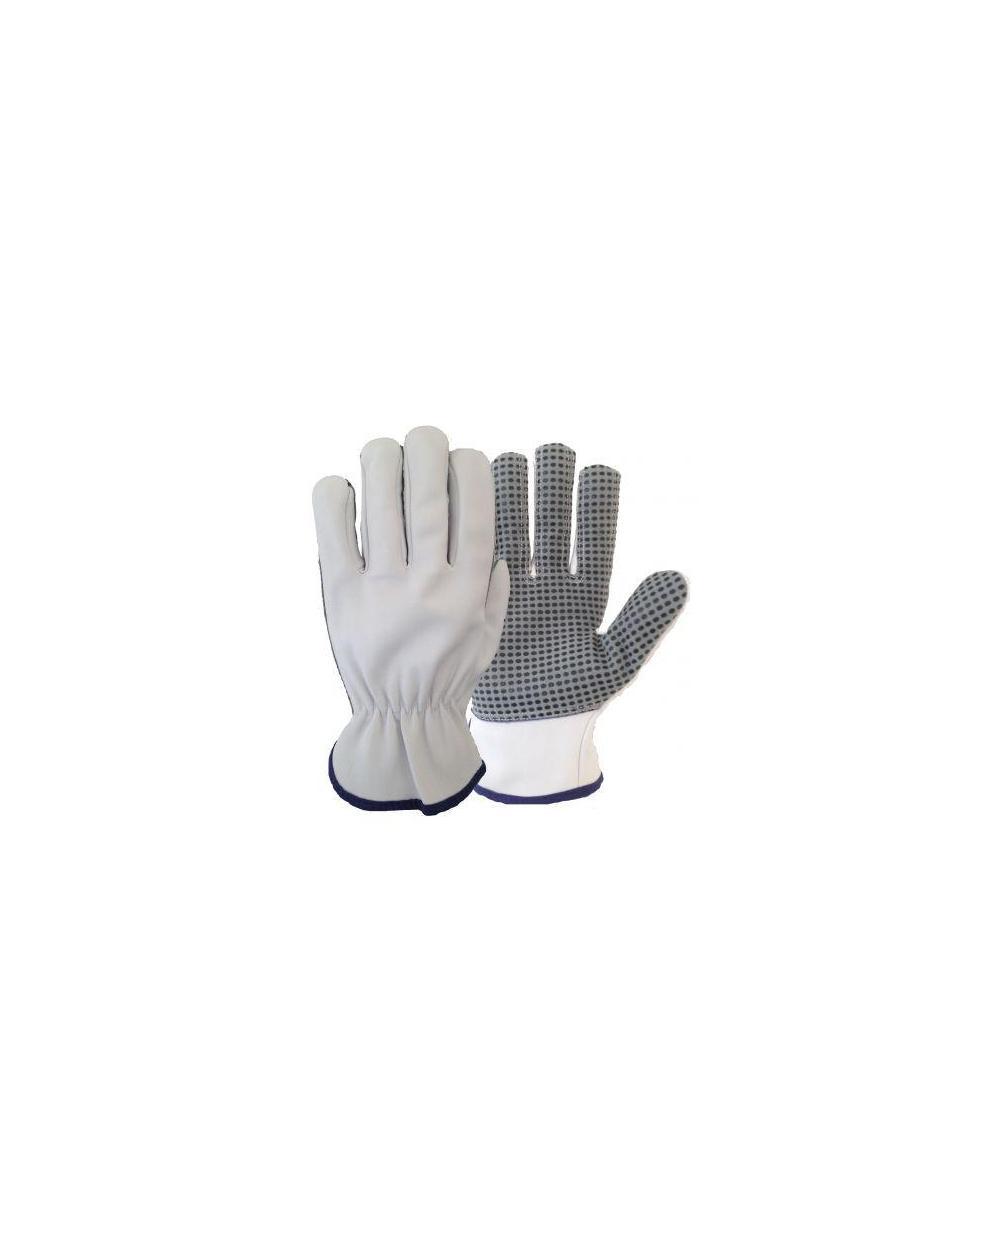 Guante piel cabra excelente confort 322DP - Pack de 12 pares